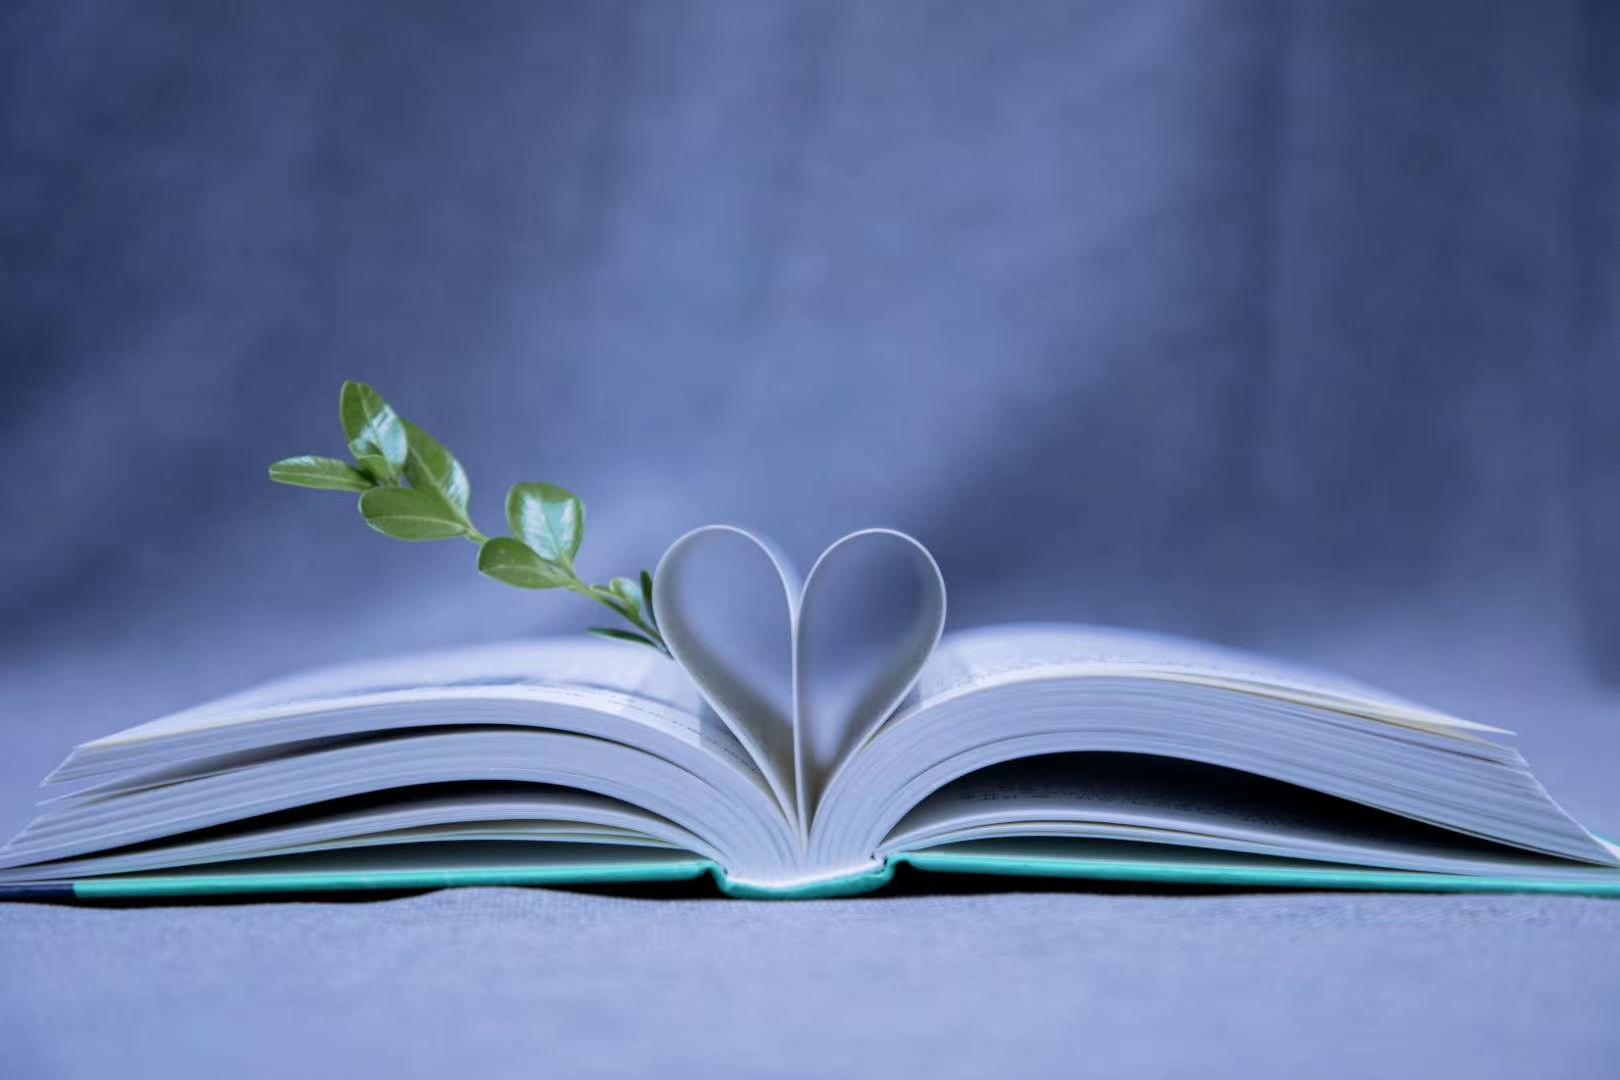 墨子书院:从书里的全世界路过